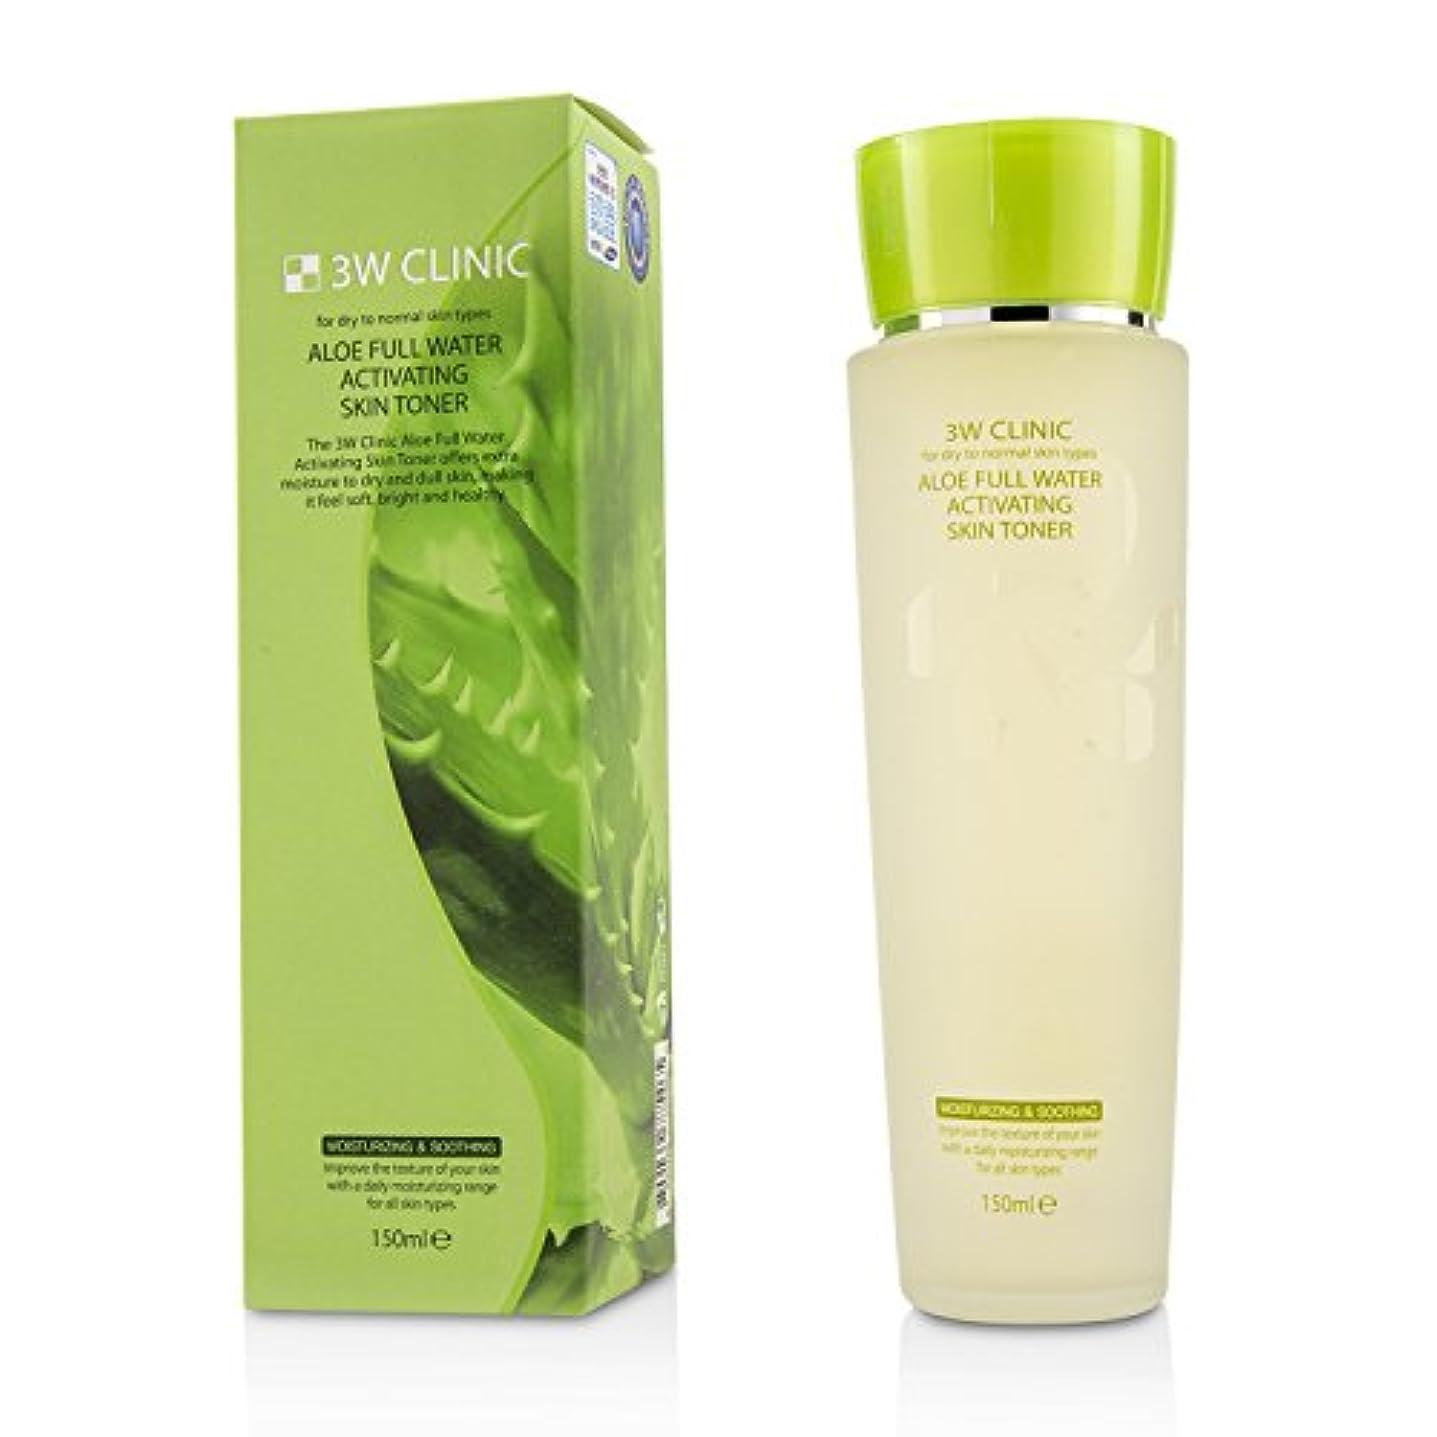 テーブル揺れる偏見3Wクリニック Aloe Full Water Activating Skin Toner - For Dry to Normal Skin Types 150ml/5oz並行輸入品